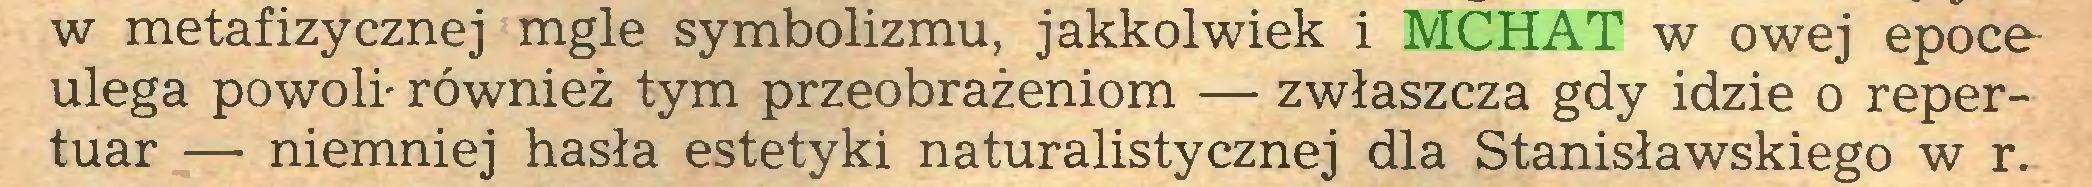 (...) w metafizycznej mgle symbolizmu, jakkolwiek i MCHAT w owej epoco ulega powoli- również tym przeobrażeniom — zwłaszcza gdy idzie o repertuar — niemniej hasła estetyki naturalistycznej dla Stanisławskiego w r...